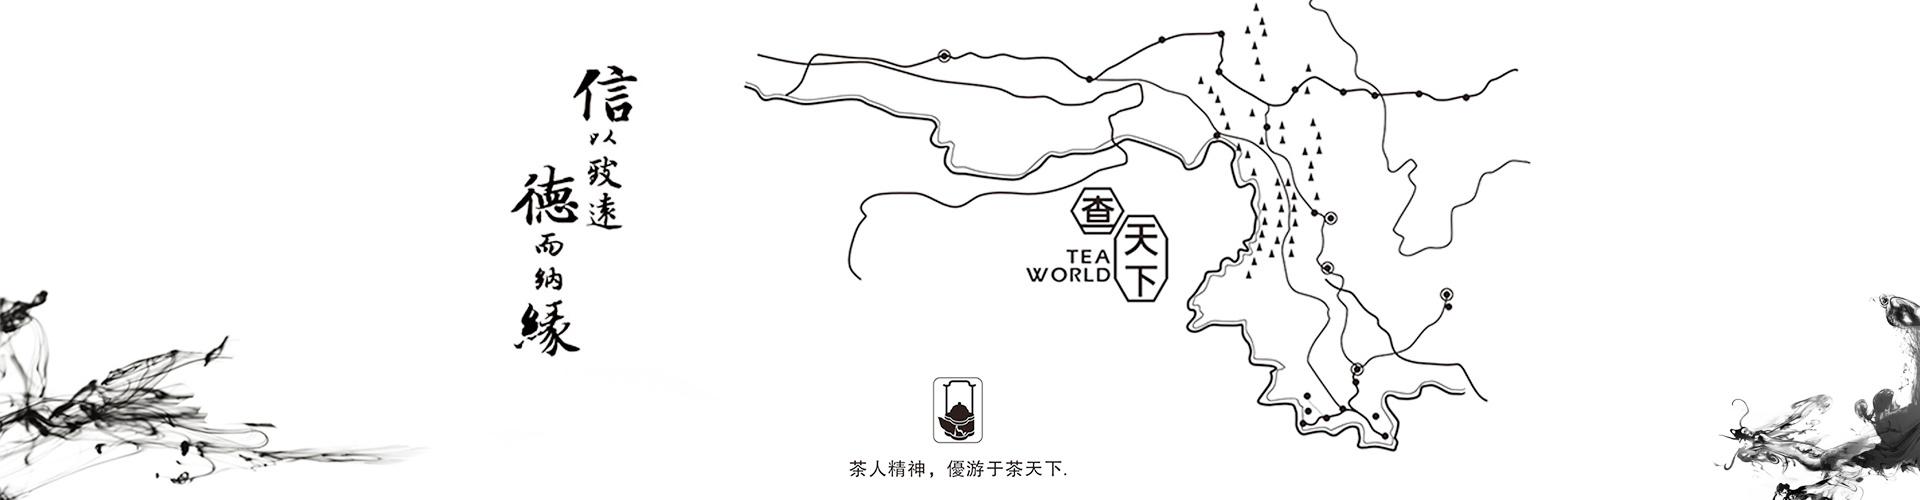 茶文化 banner